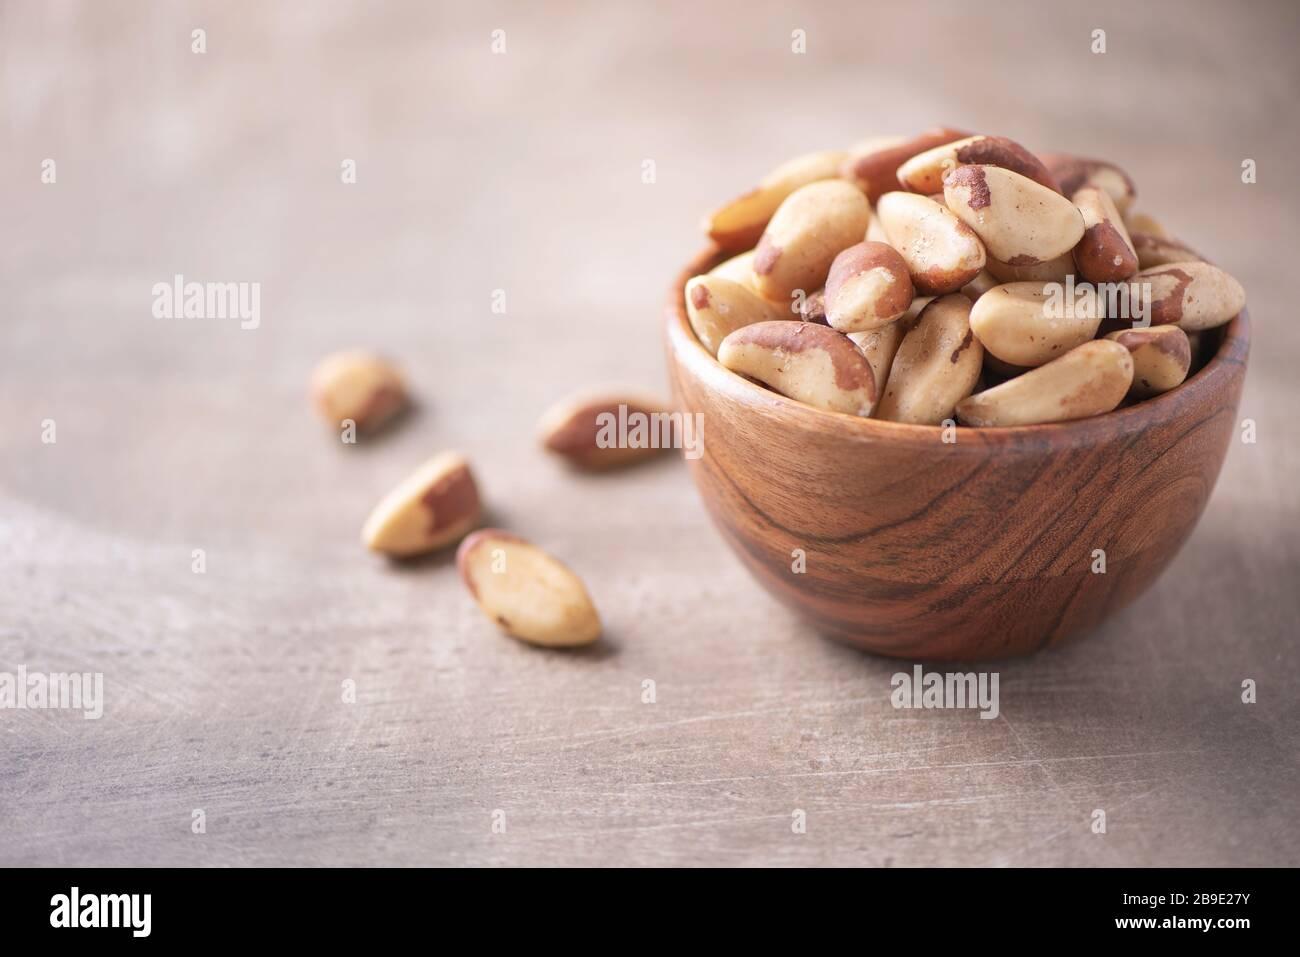 Nueces de Brasil en cuenco de madera sobre fondo texturizado de madera. Espacio de copia. Superfood, vegan, comida vegetariana concepto. Macro de la textura de la nuez de brasil, selectiva Foto de stock